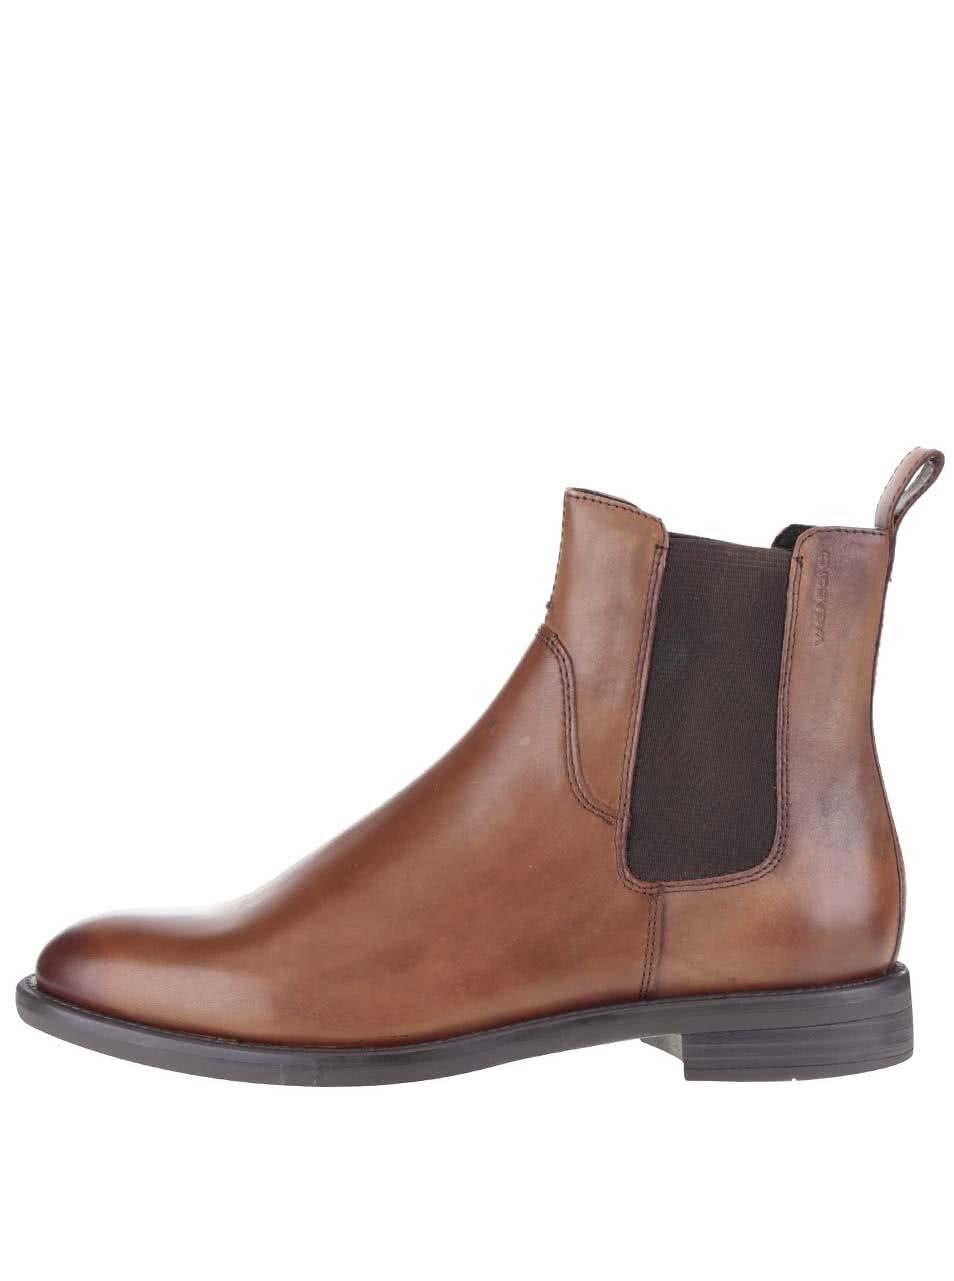 Hnědé dámské kožené chelsea boty Vagabond Amina ... 845d4cf2e1